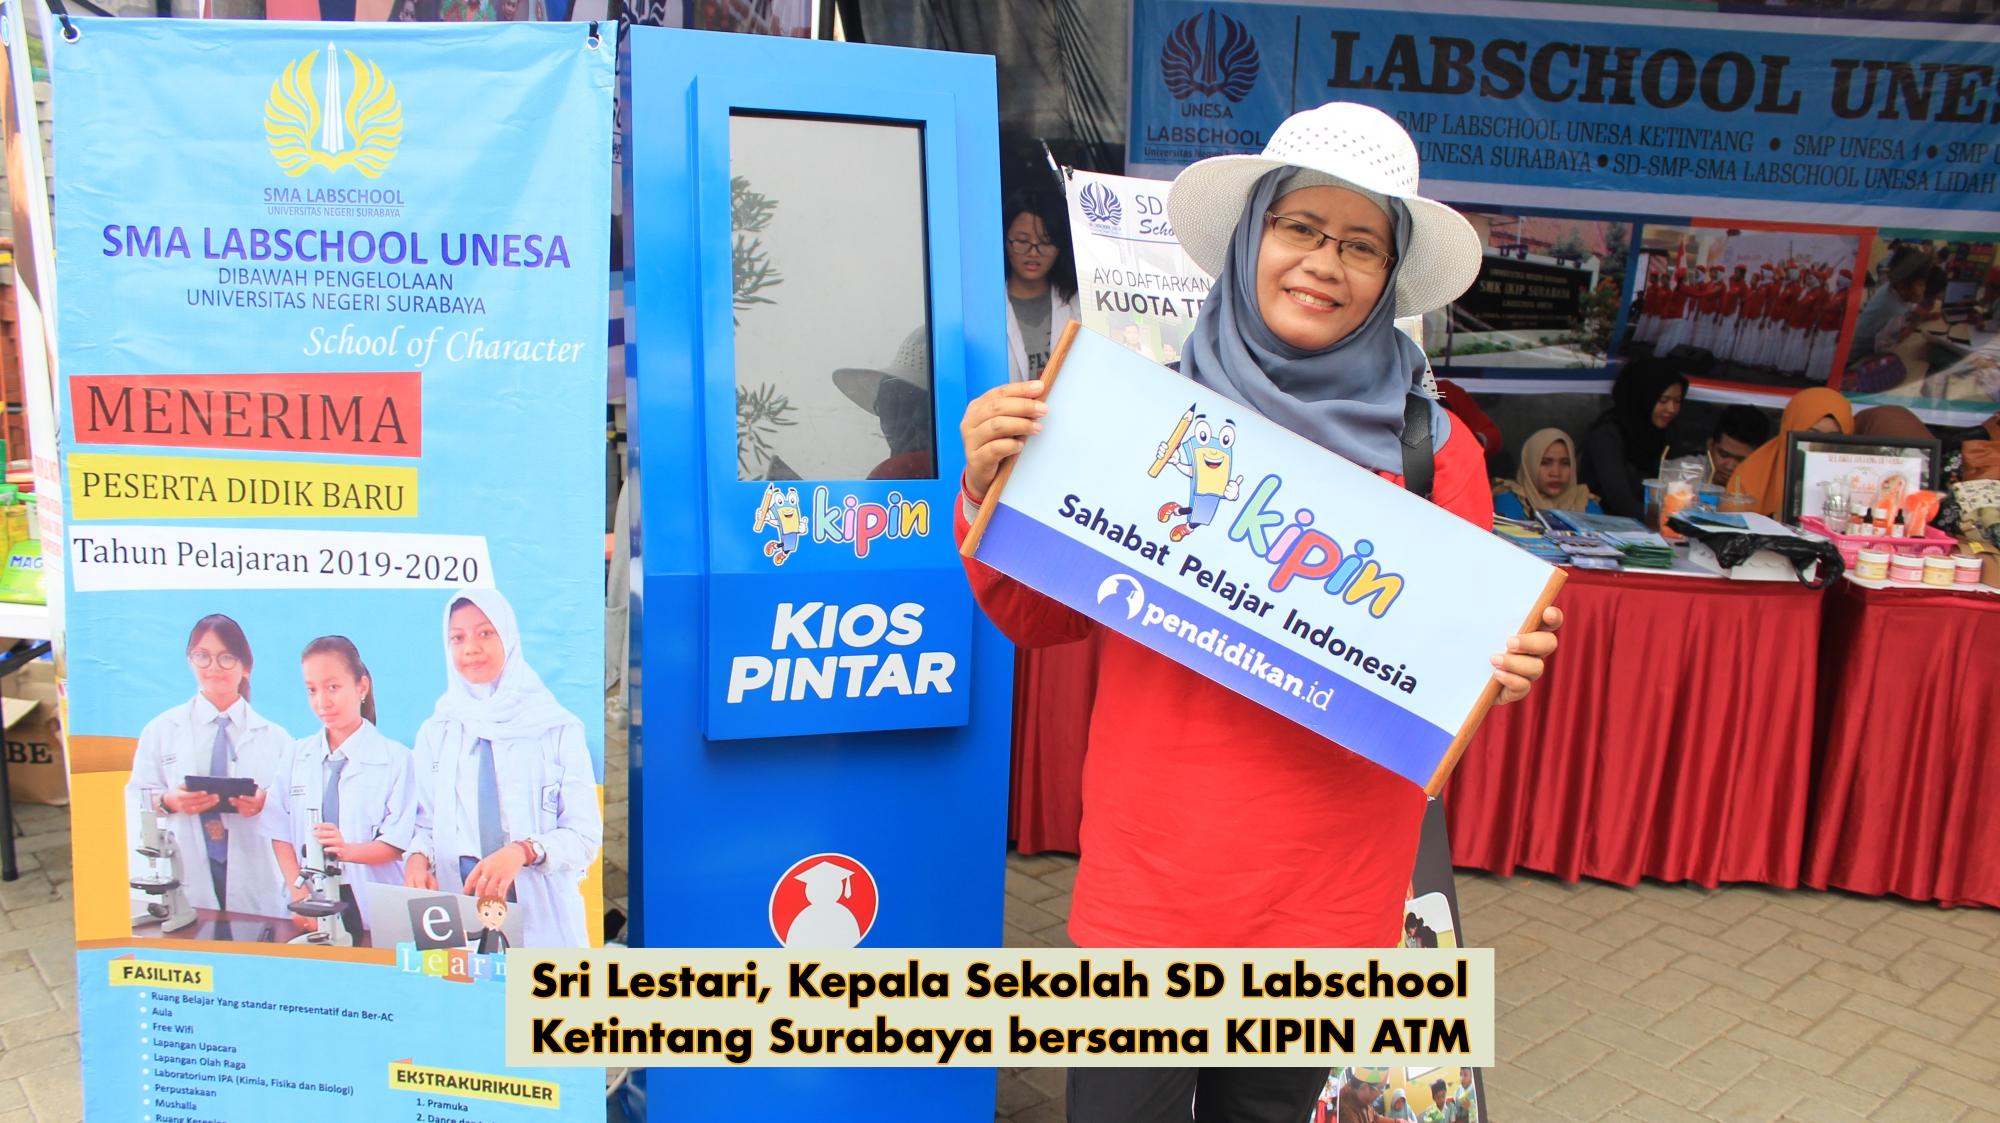 Teknologi Digital KIPIN ATM Meriahkan Dies Natalis Ke-54 Universitas Surabaya (UNESA)